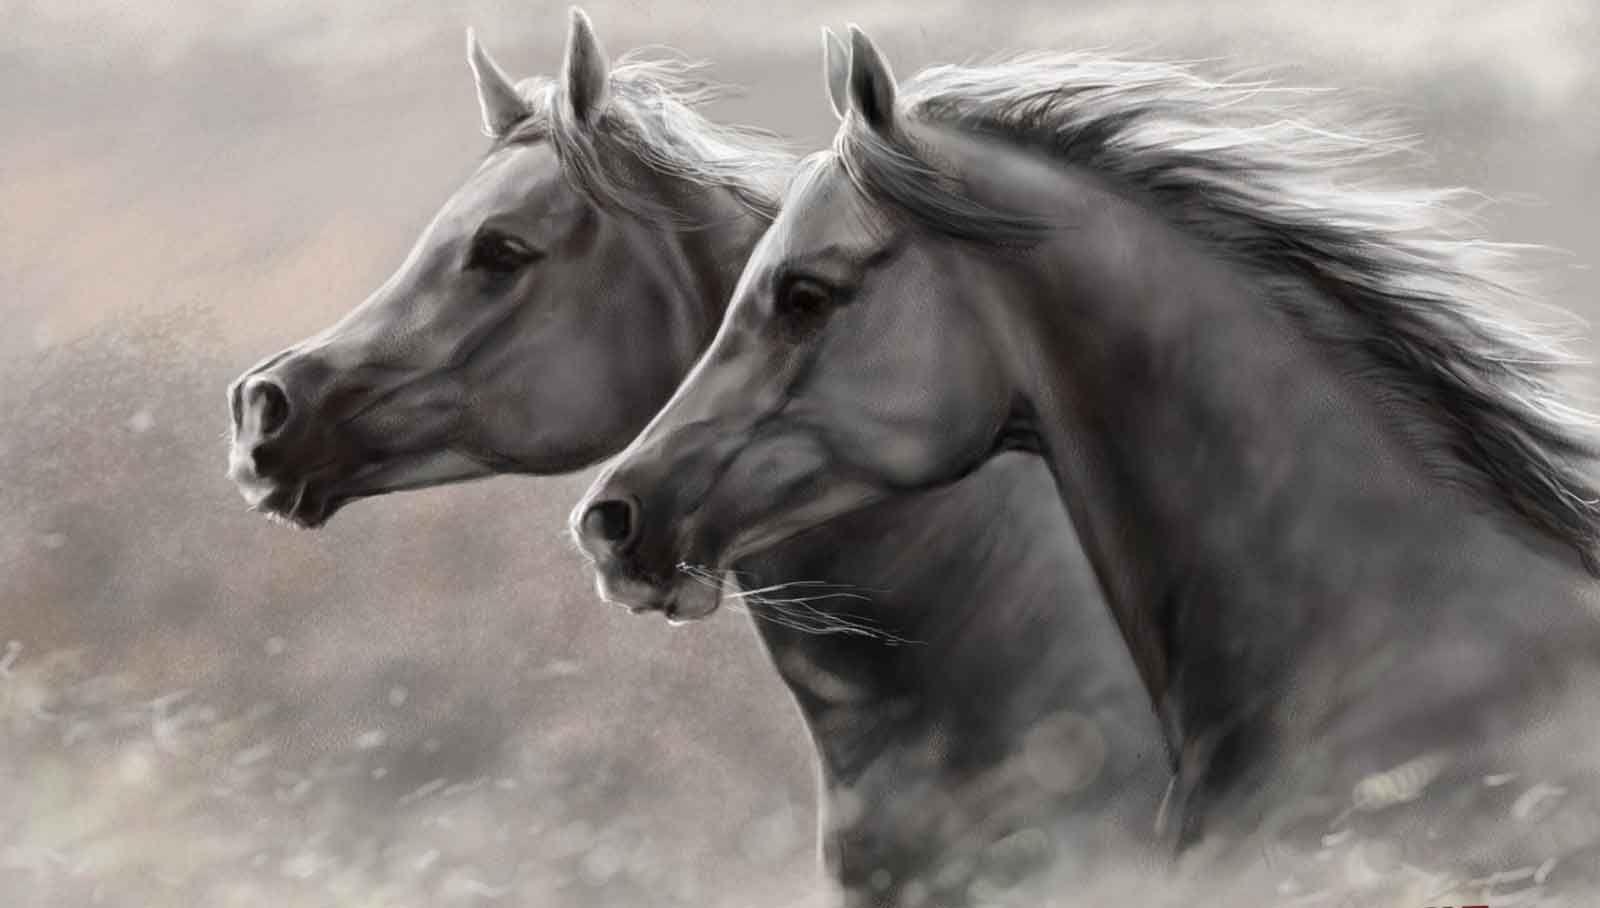 Fondos De Pantalla Carreras Proibidas: Fondos-pantalla-fotos-hd-imagenes-caballos-silvestres-wild